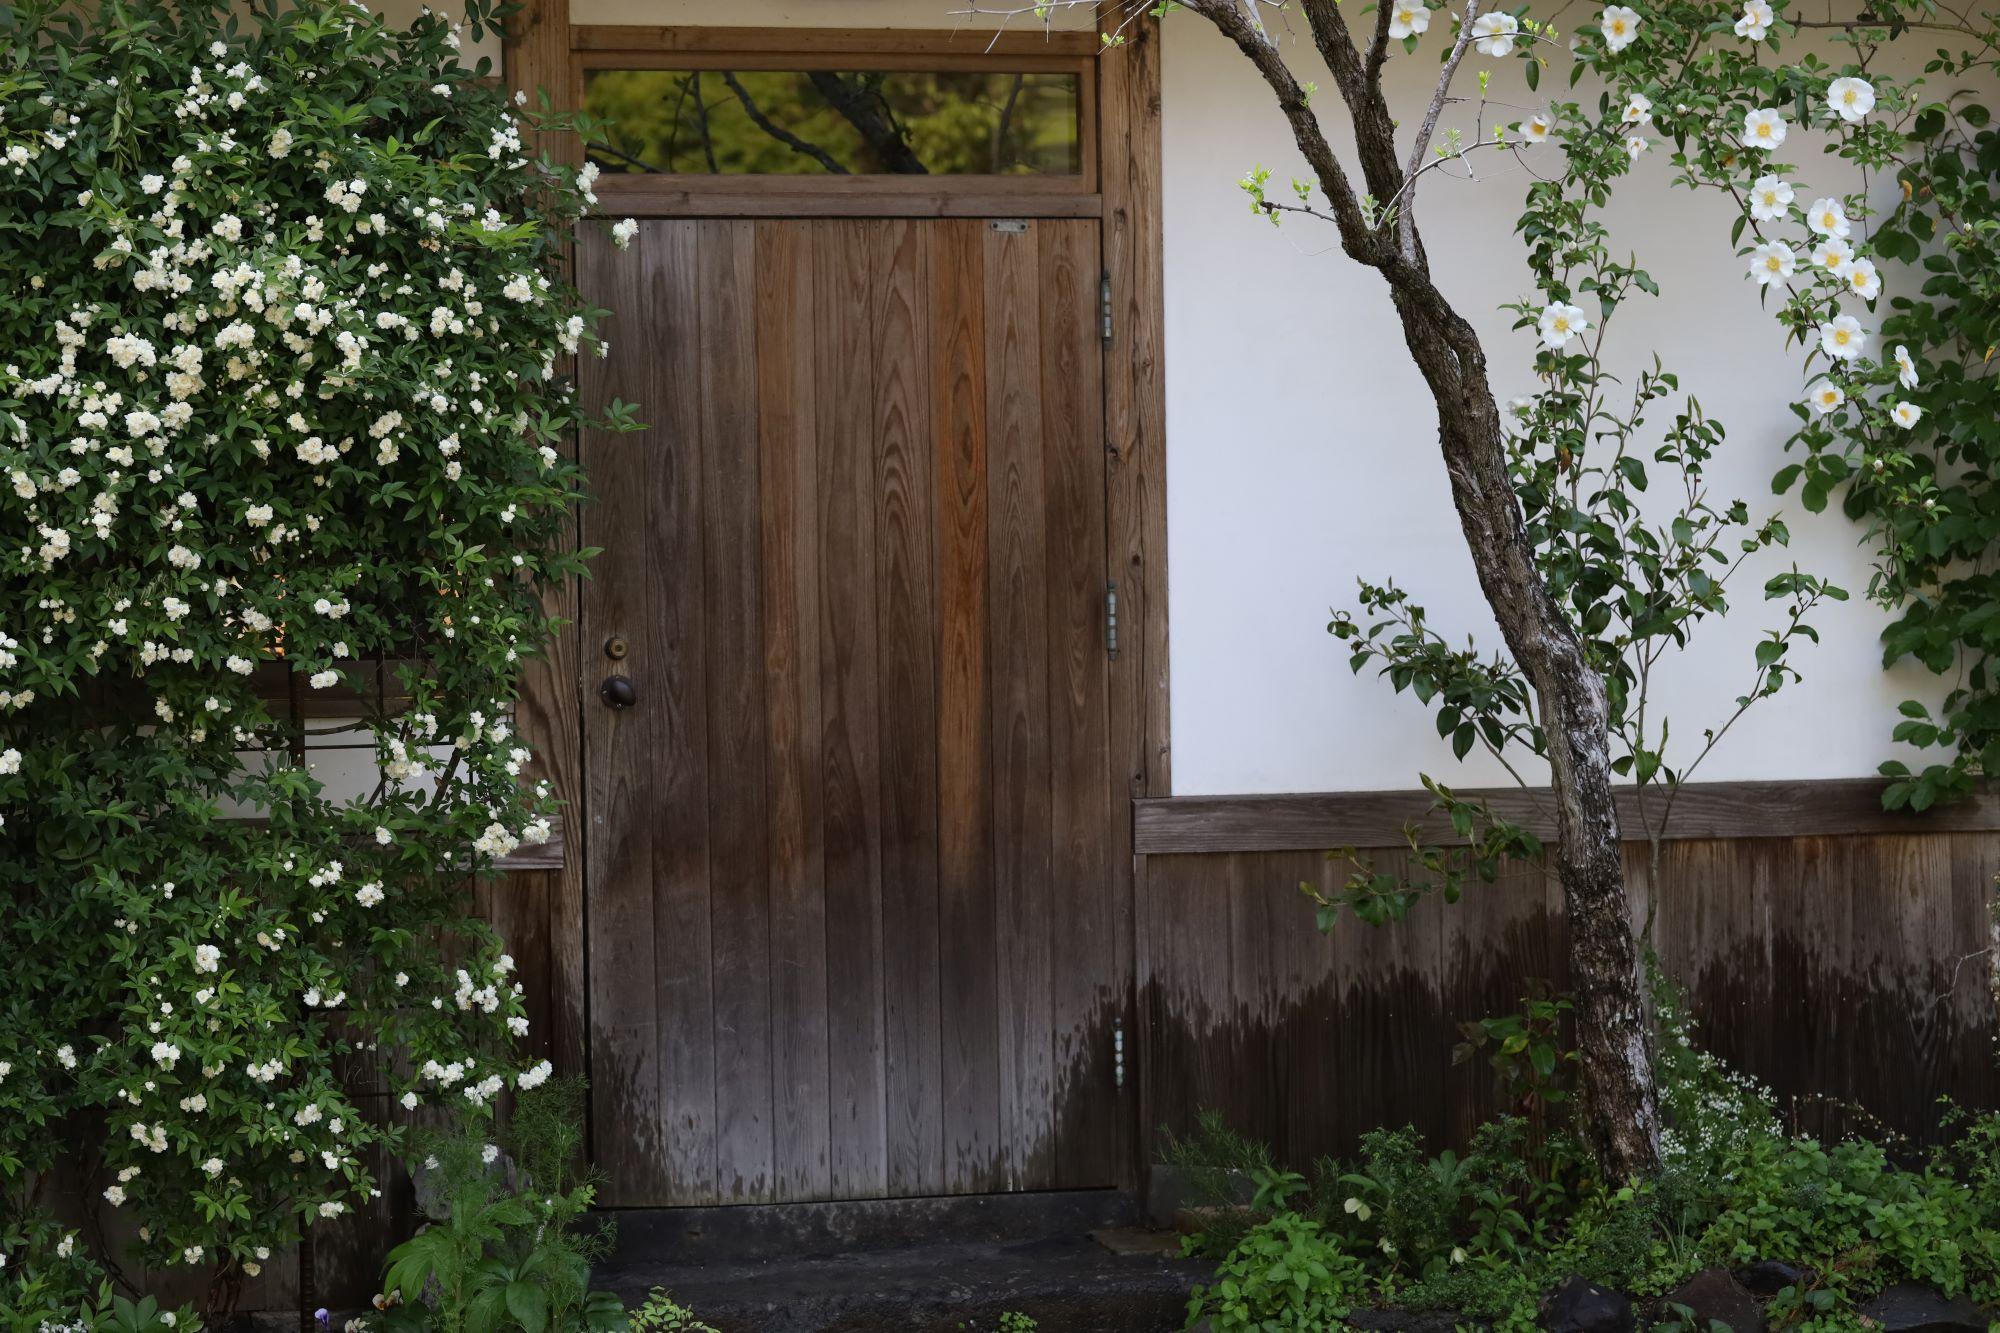 細川家の台所の扉の横にあるモッコウバラとナニワイバラは例年より早く満開になった。